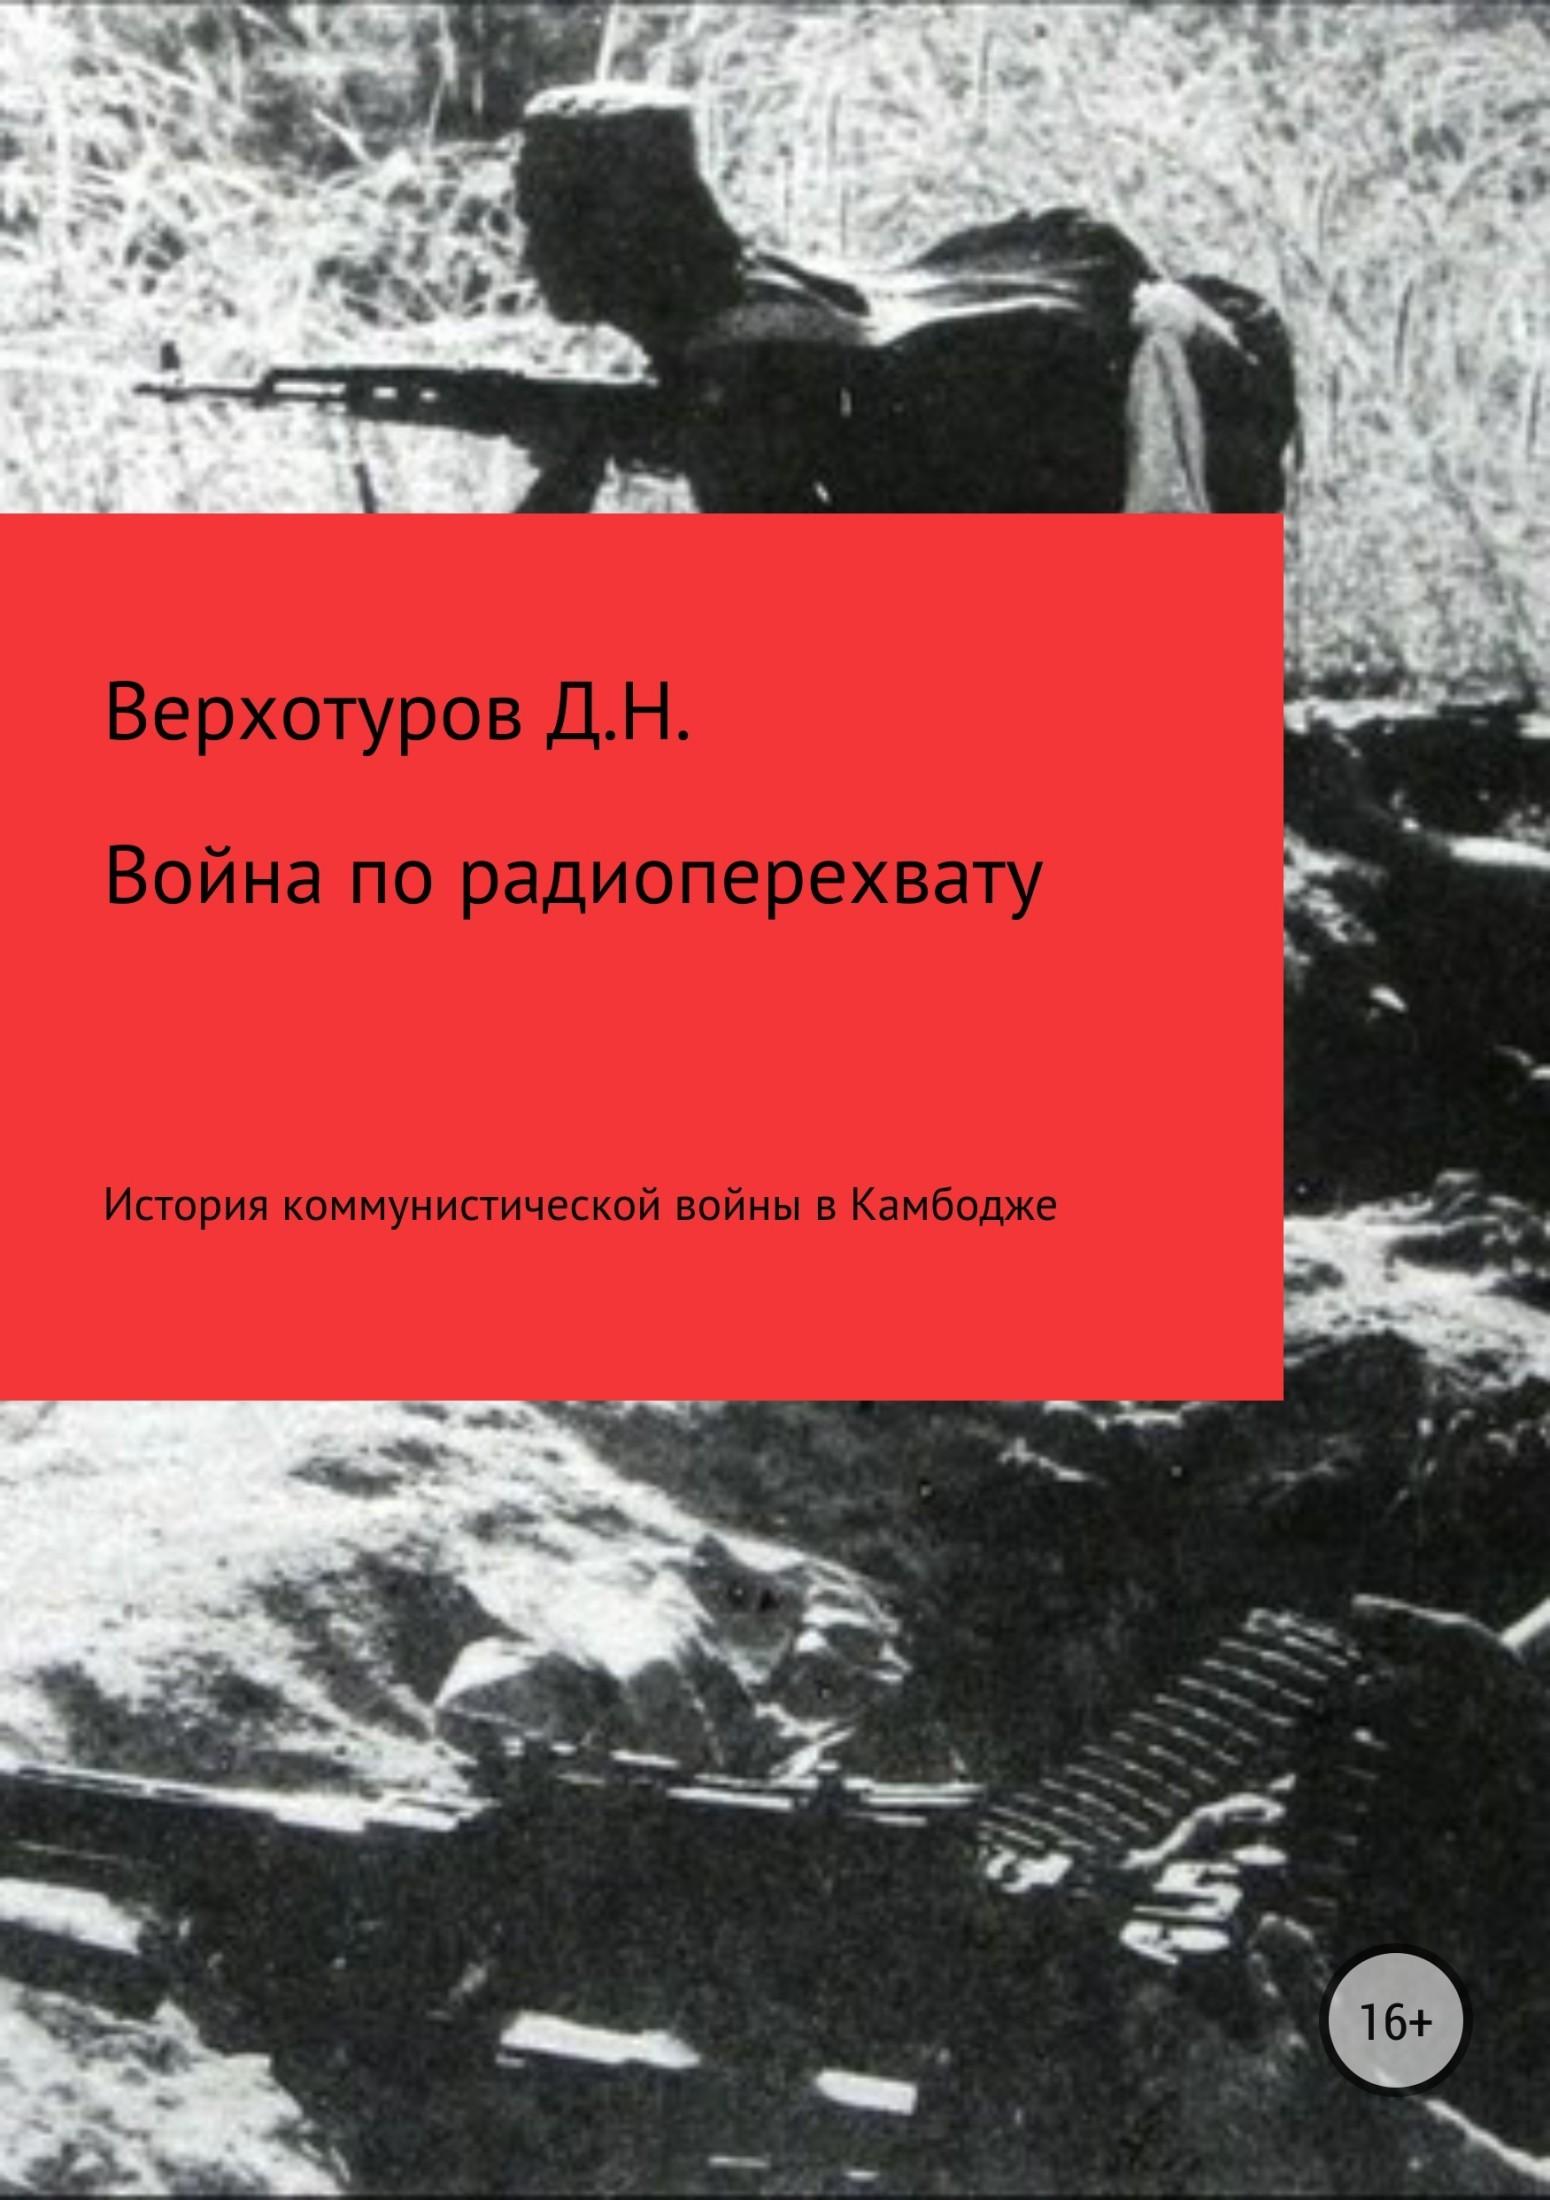 Дмитрий Николаевич Верхотуров Война по радиоперехвату верхотуров дмитрий николаевич покорение сибири мифы и реальность